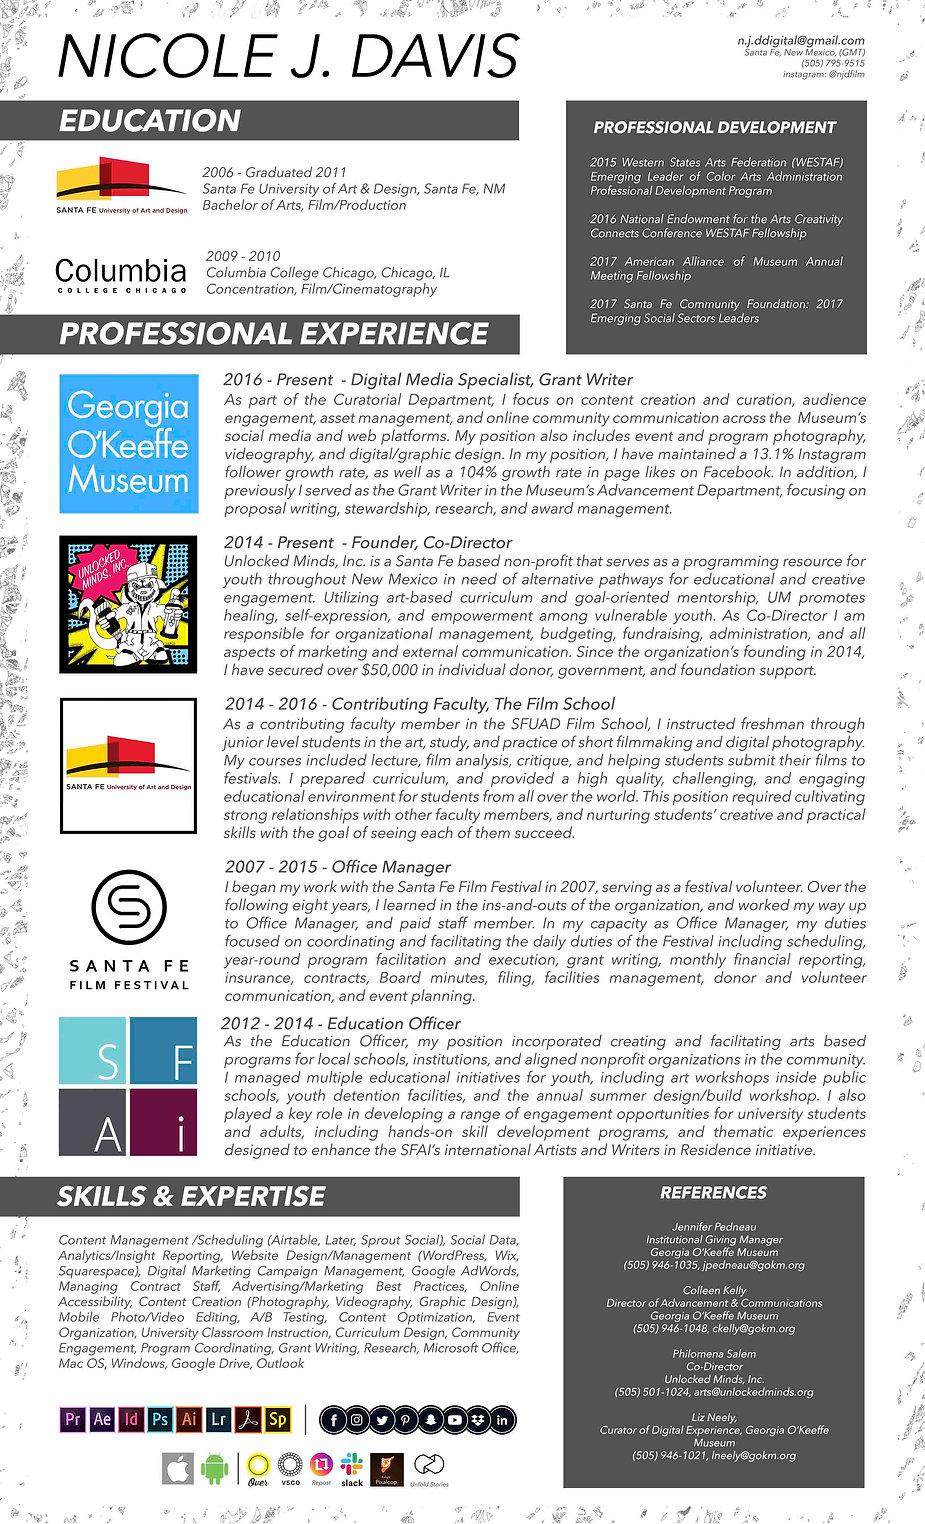 Resume Design - 1.jpg